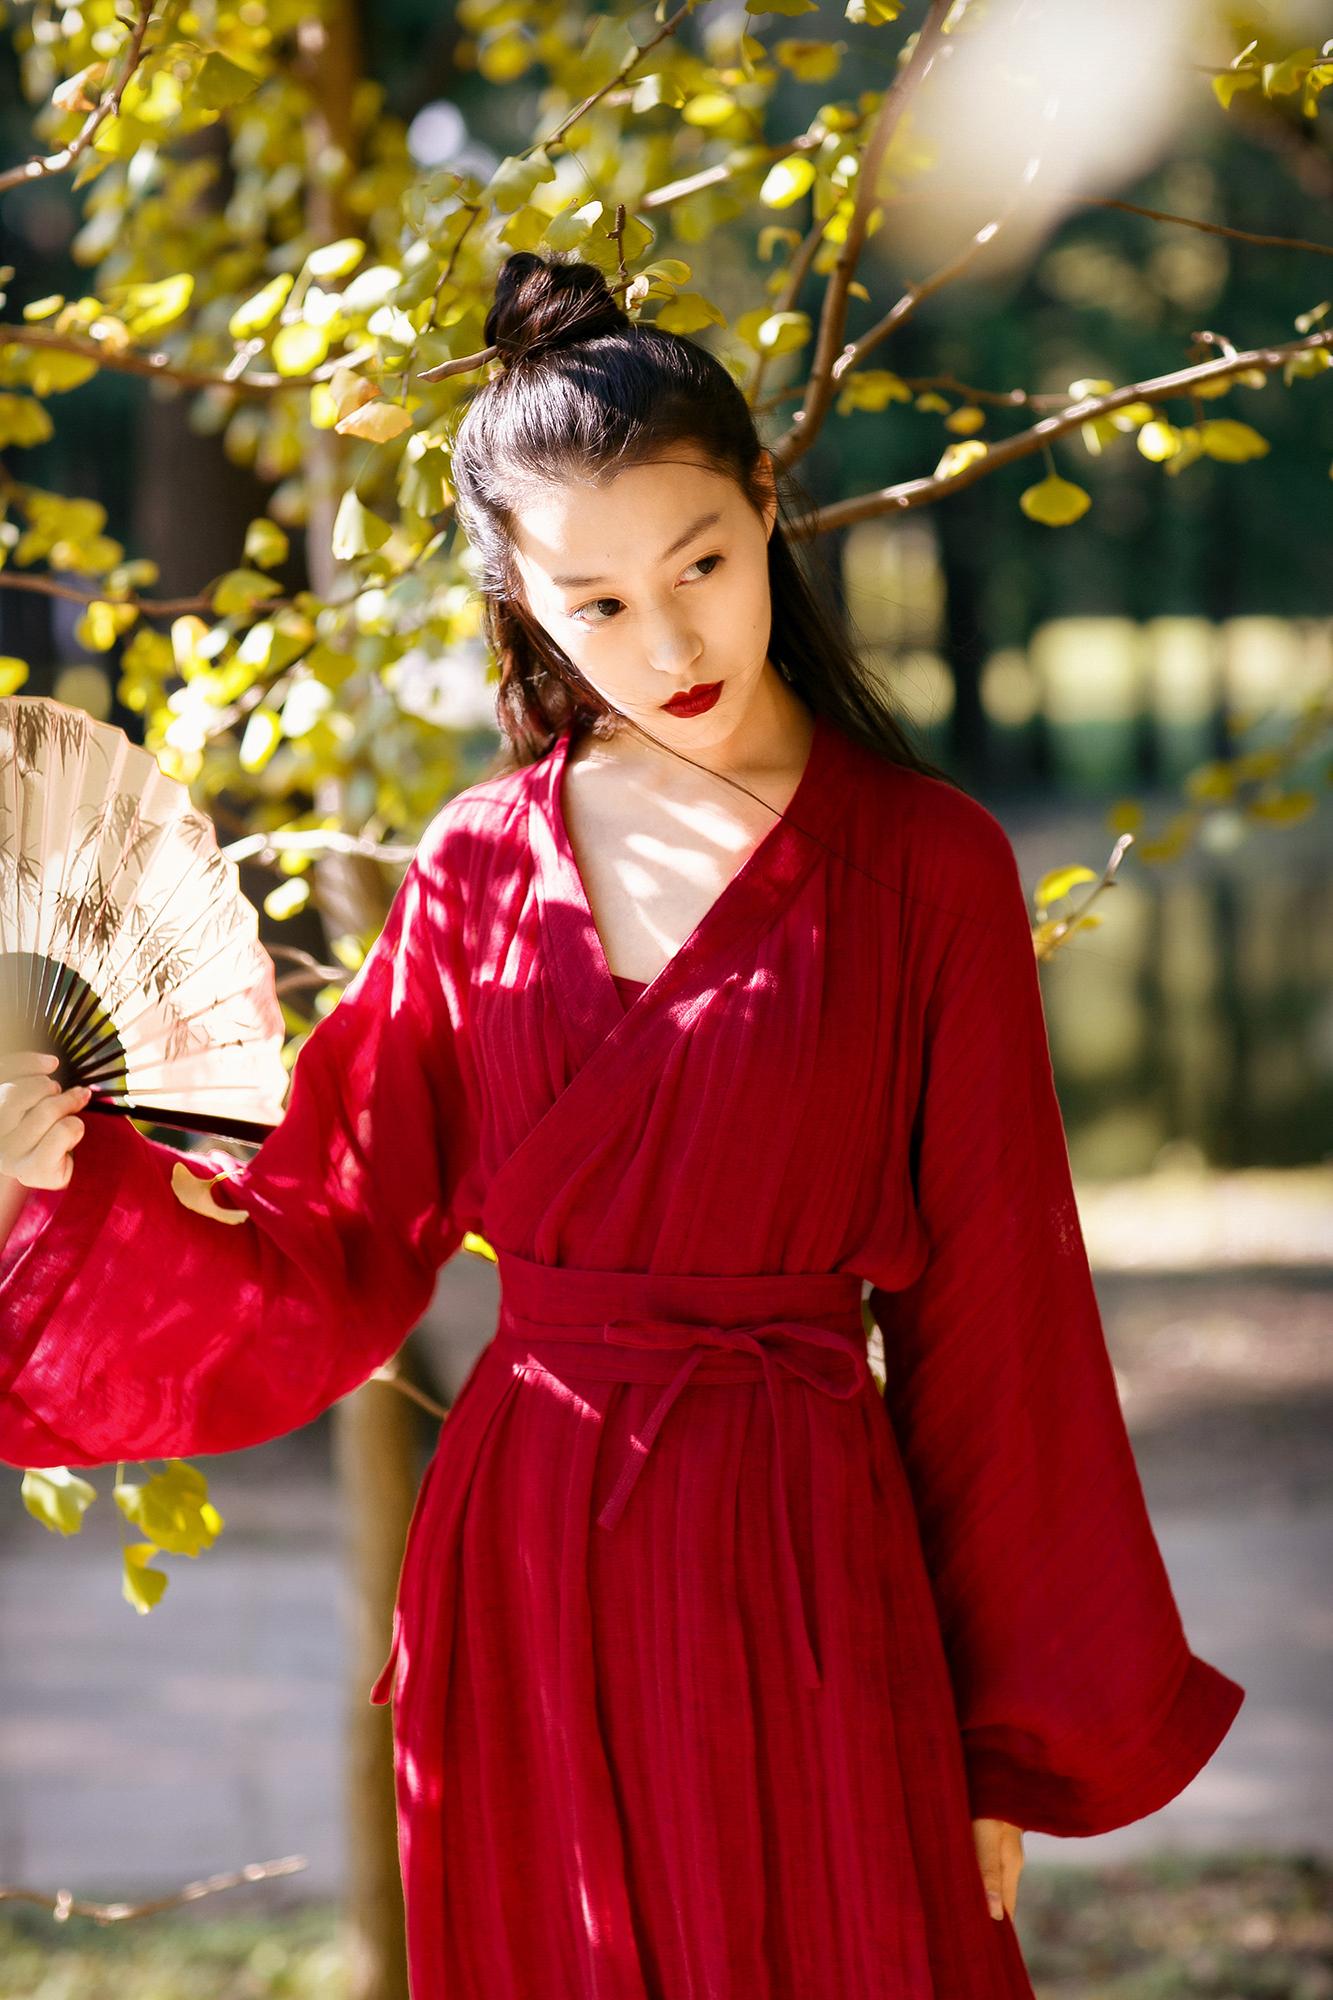 醉红尘丨热销推荐丨中式复古汉元素服装交领长袍亚麻纱丨简爱设计